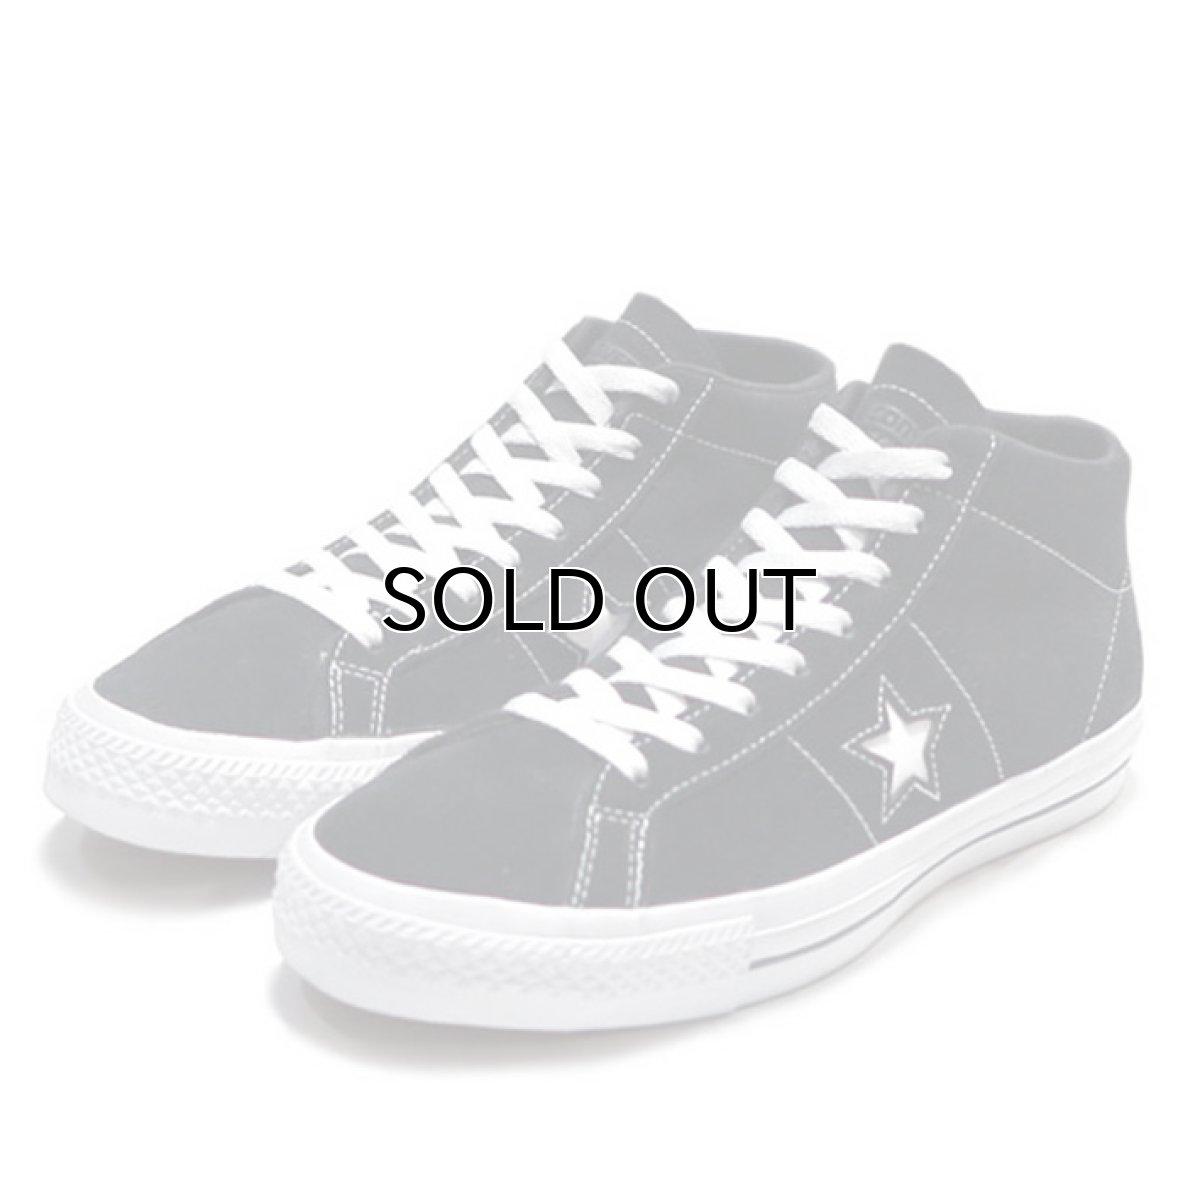 """画像1: NEW CONVERSE """"ONE STAR MID"""" Suede Skate Shoes BLACK size US 11 (1)"""